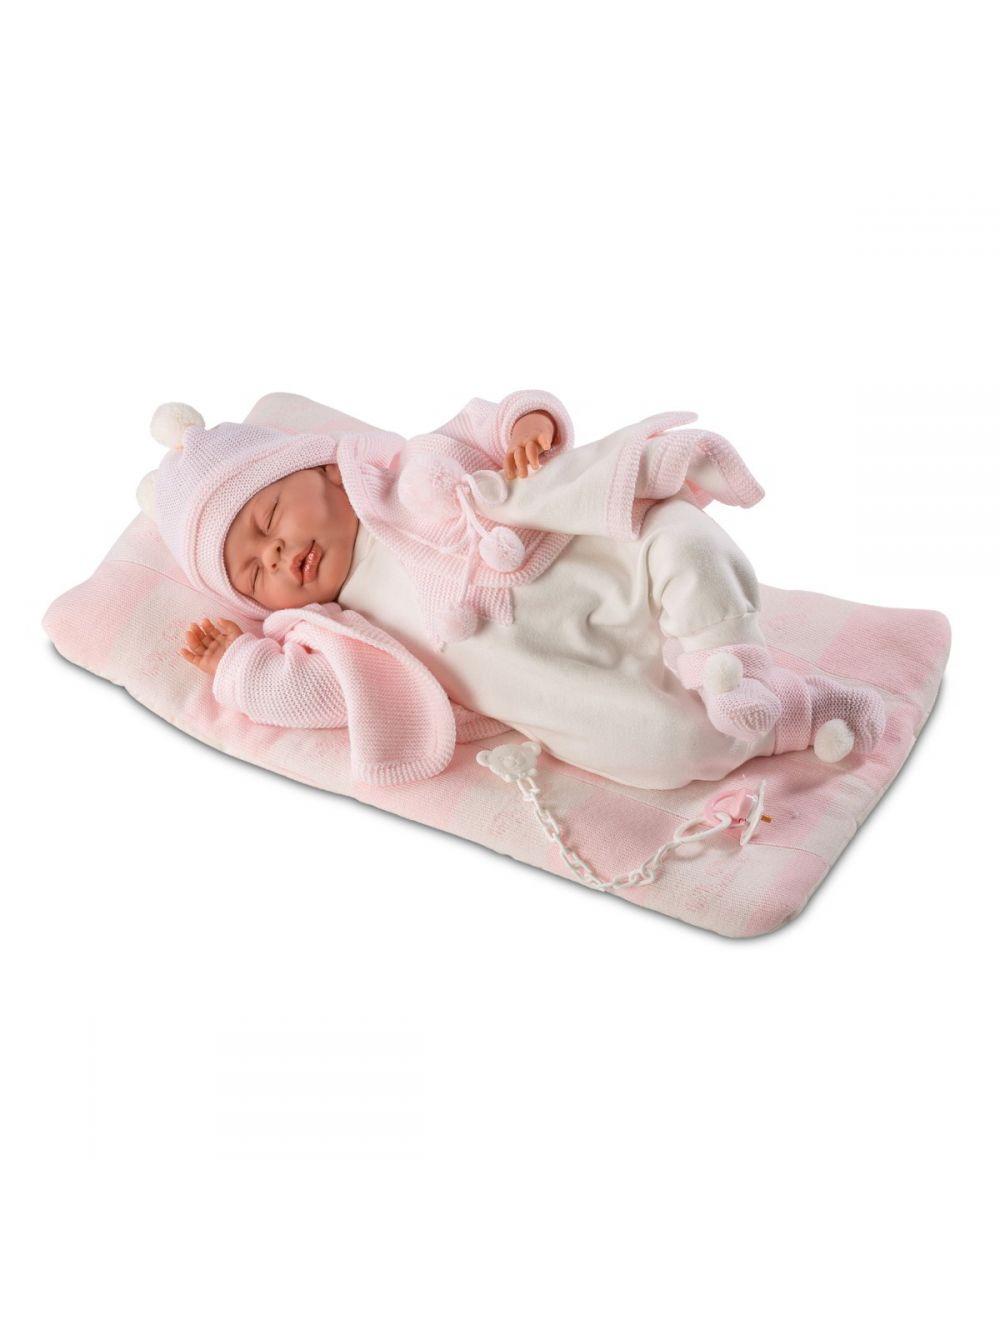 LLORENS Lalka Mimi w różowych śpioszkach 40 cm